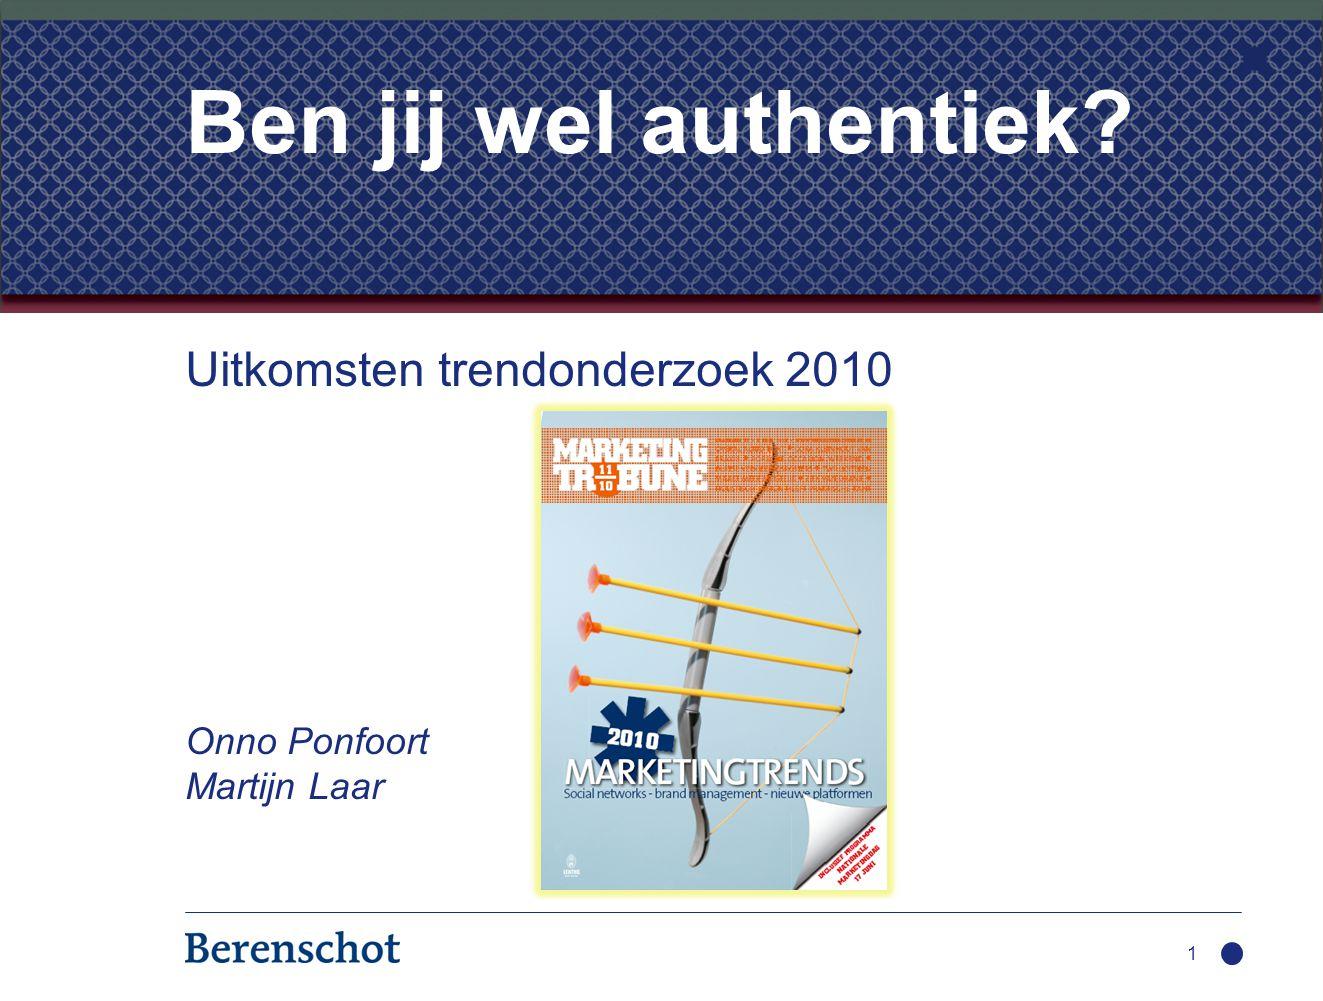 Programma •De trends 2010 •Impact van trends op de marketing mix •Strategisch omgaan met trends 2